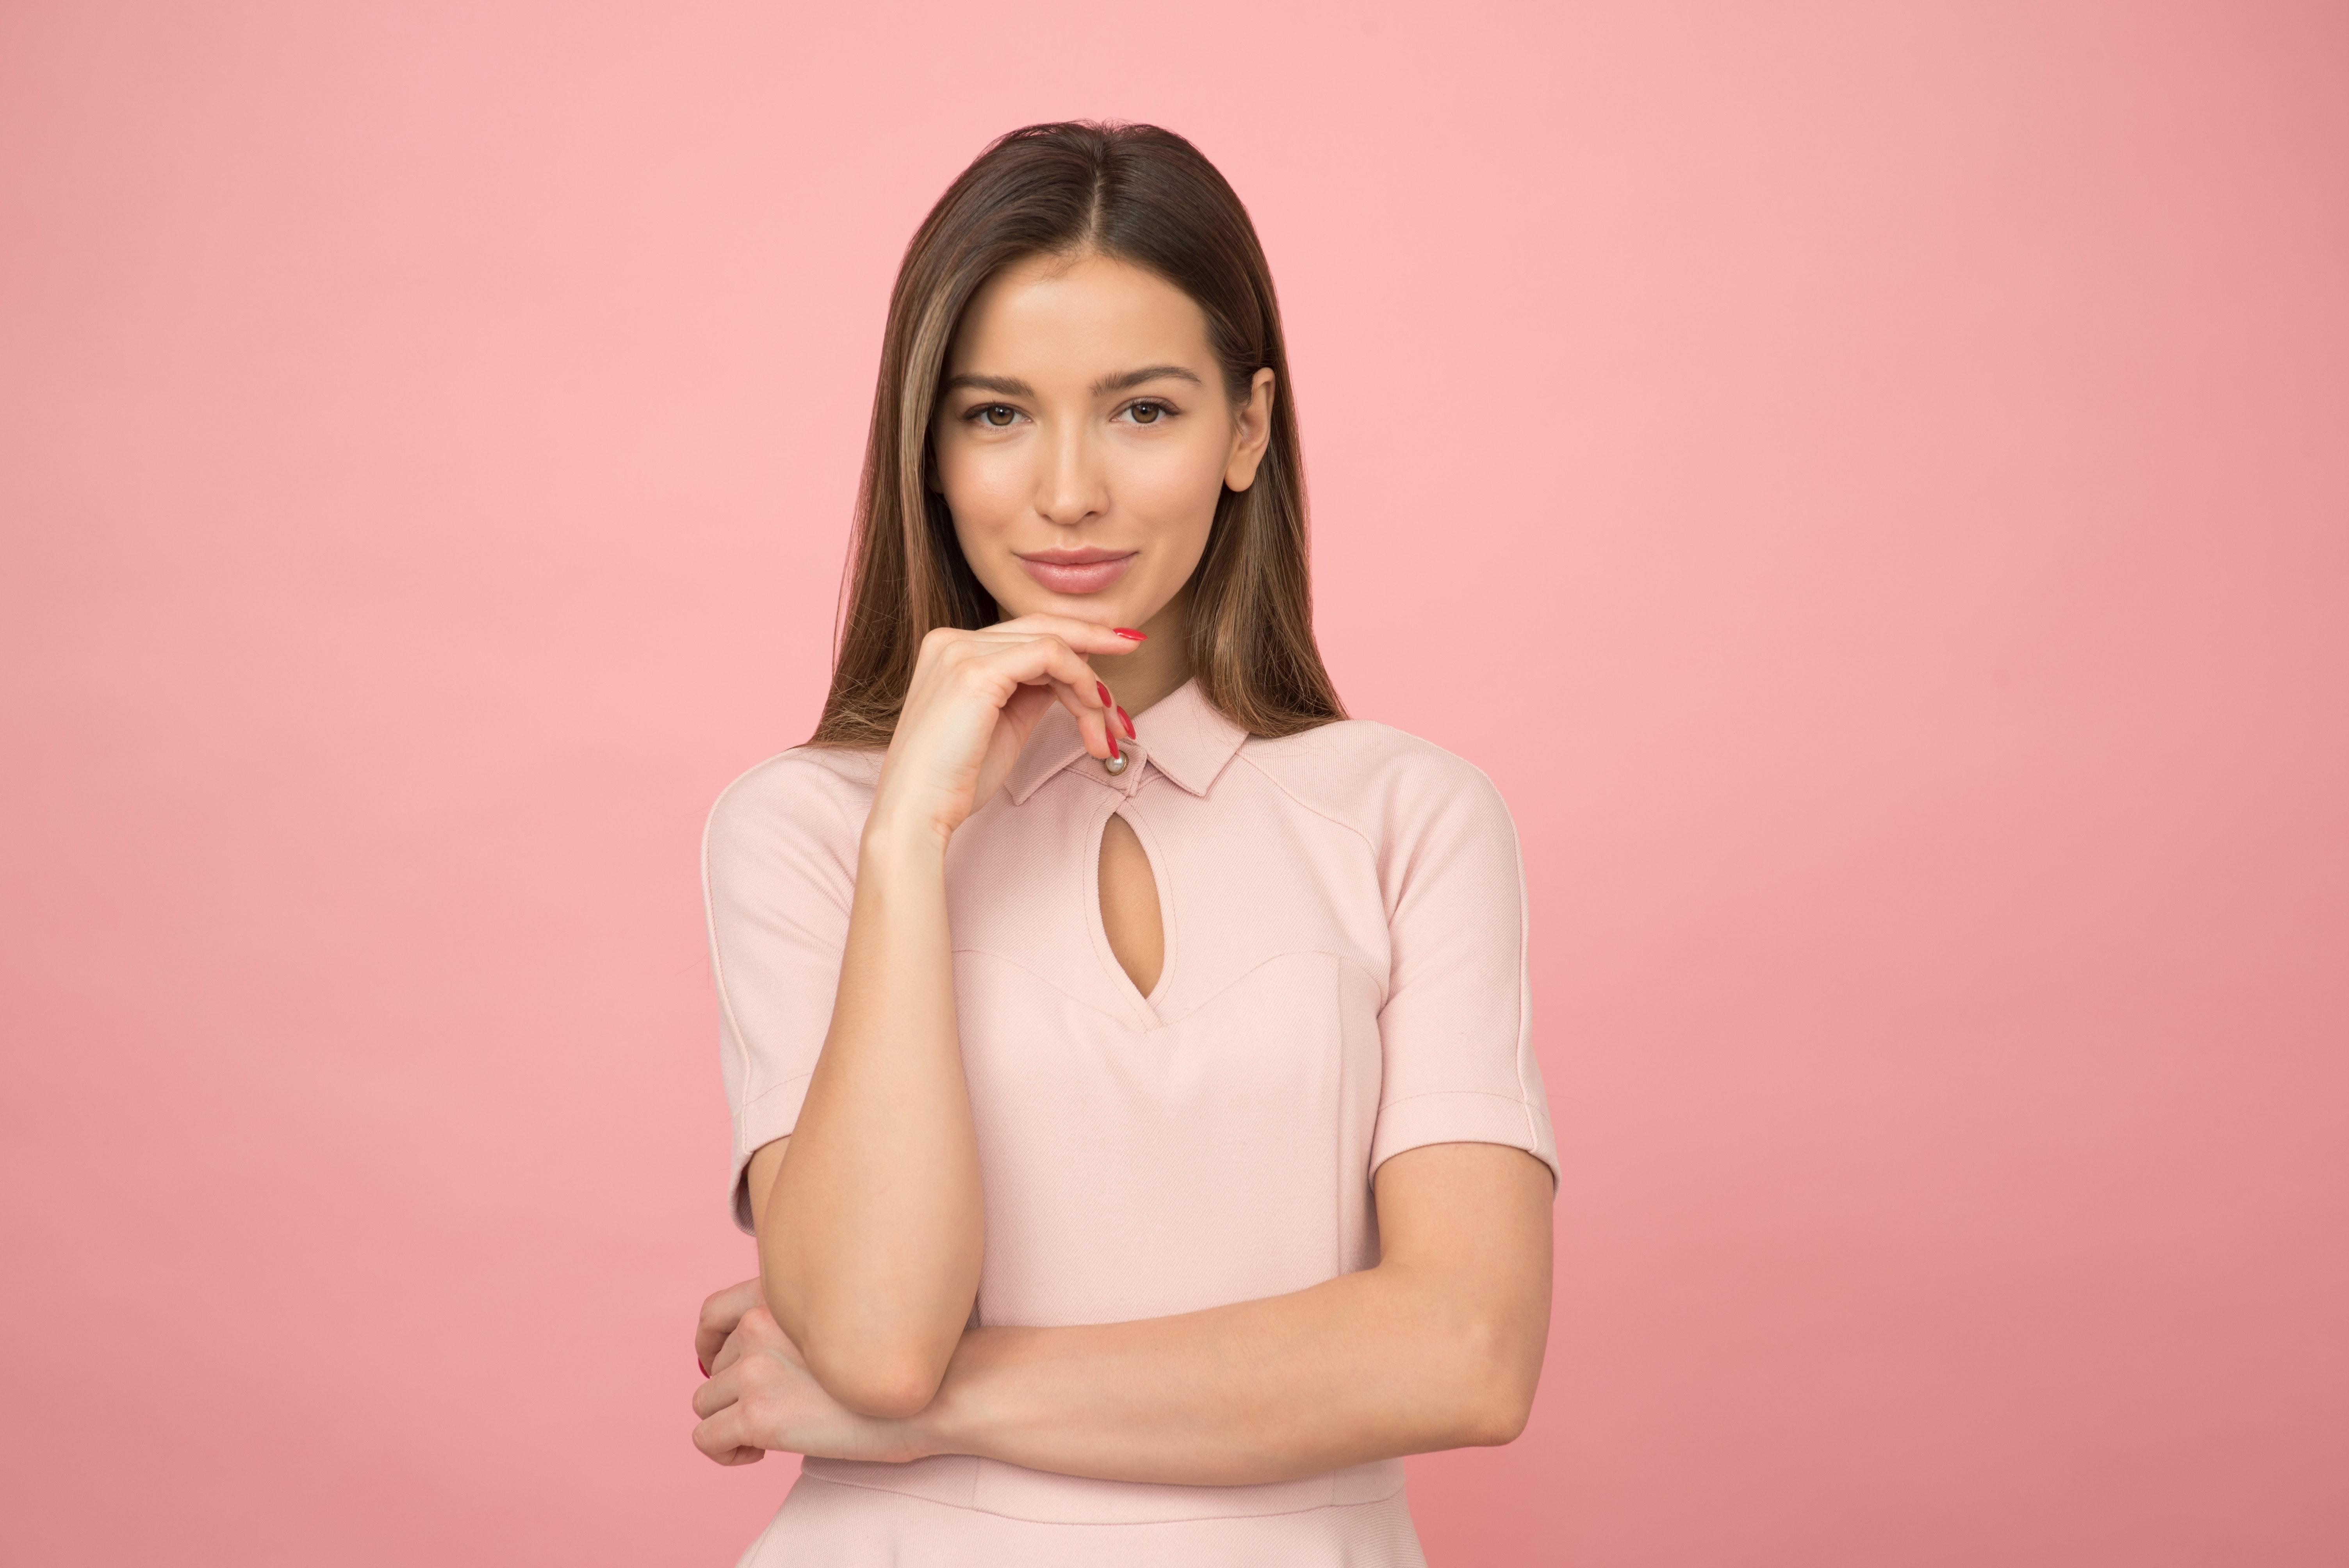 Hogyan bontakoztathatod ki a nőiességed?